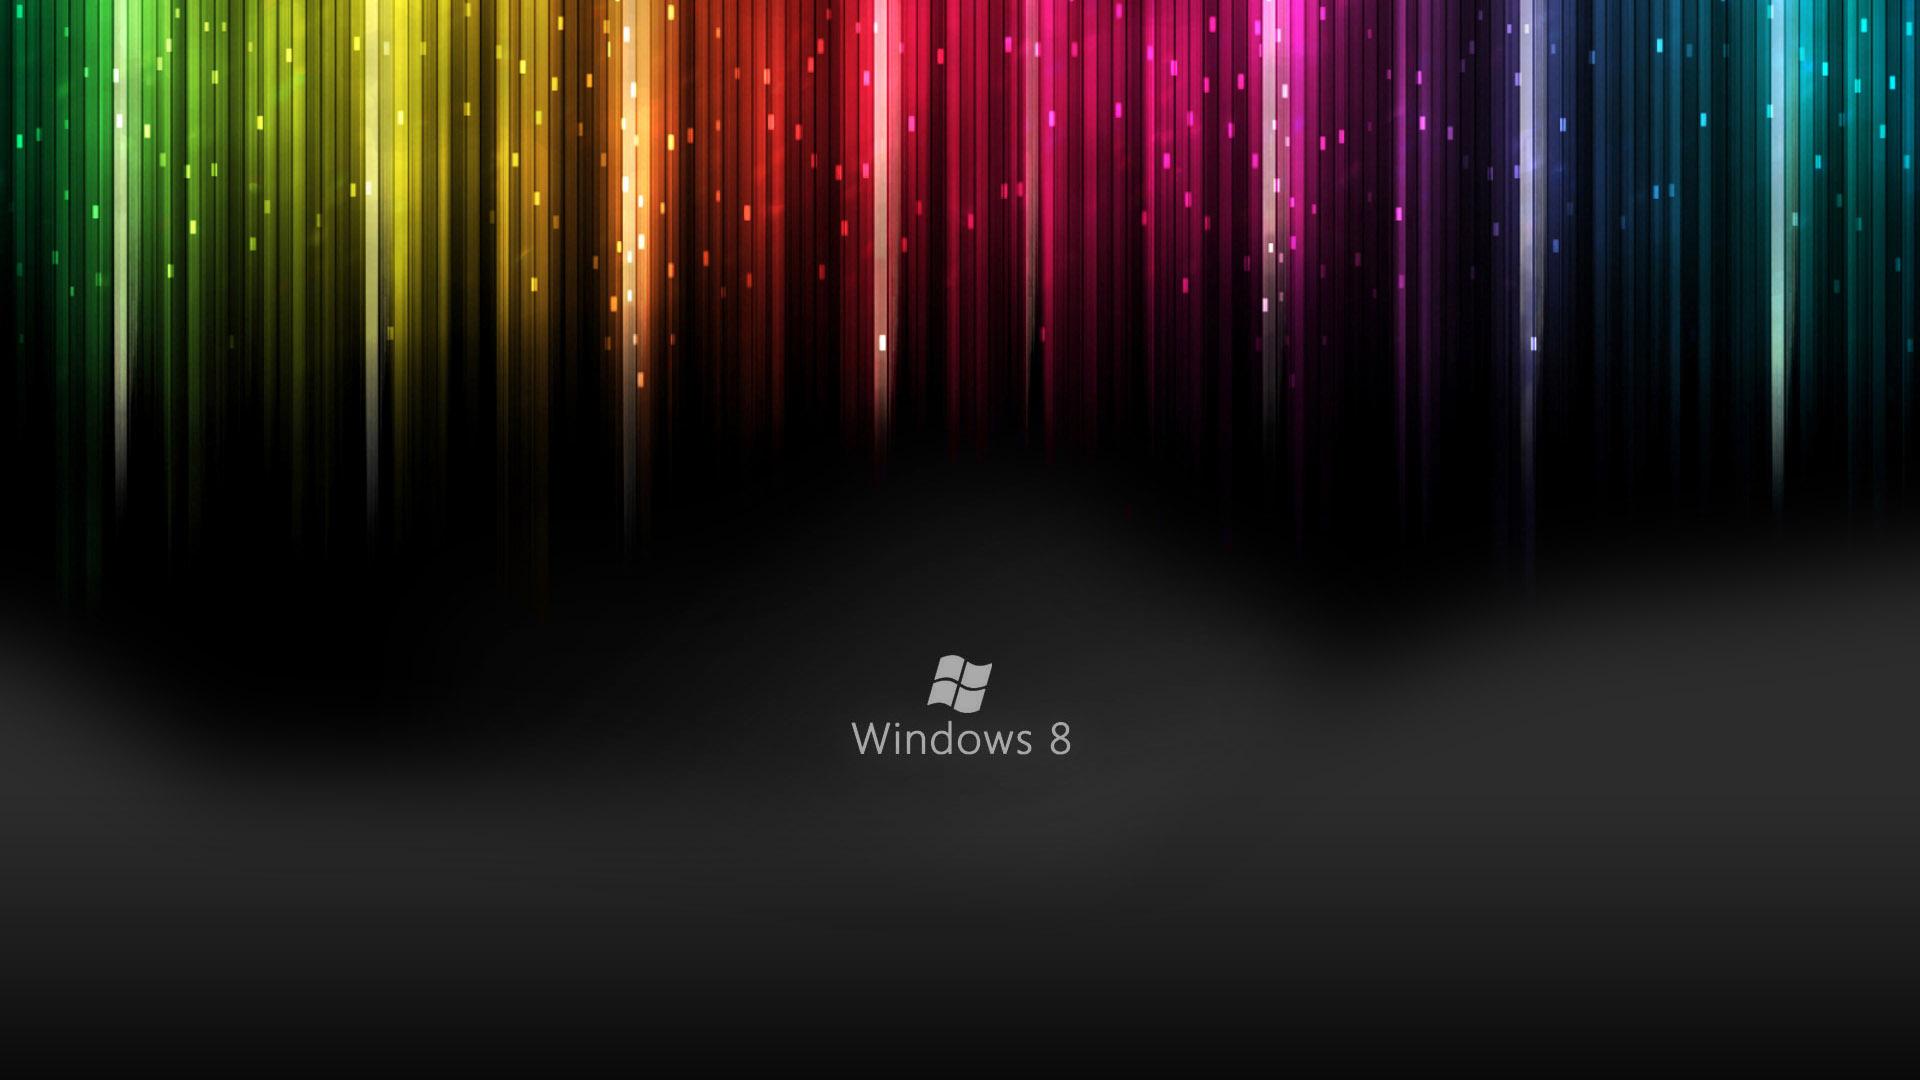 Windows 8 Live Wallpapers HD Wallpaper of Windows - hdwallpaper2013 ...